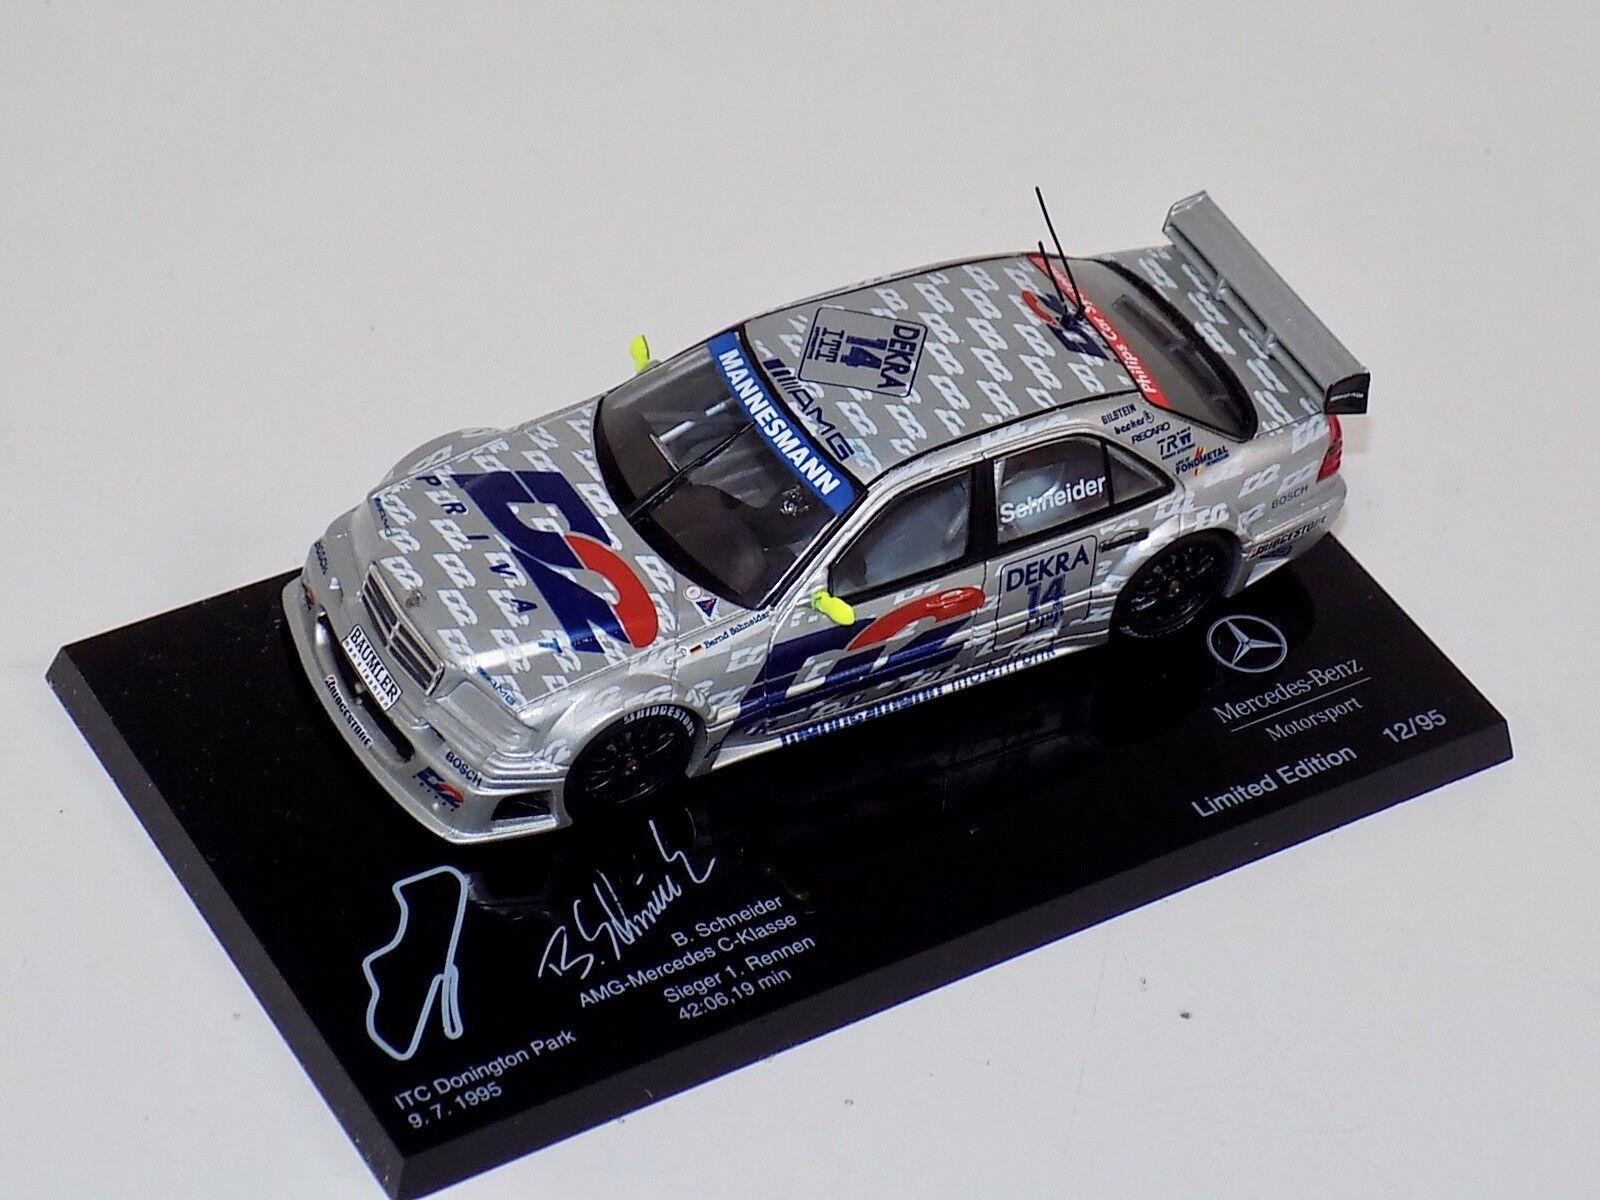 1 43 Minichamps AMG Mercedes C DTM 1995  Die Sieger  SCHNEIDER Donington Park